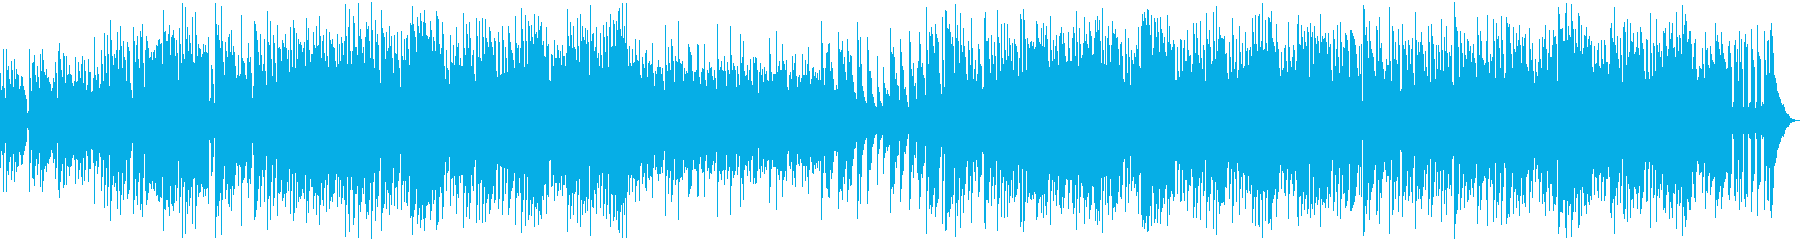 オープニングに最適なトランスBGMの再生済みの波形